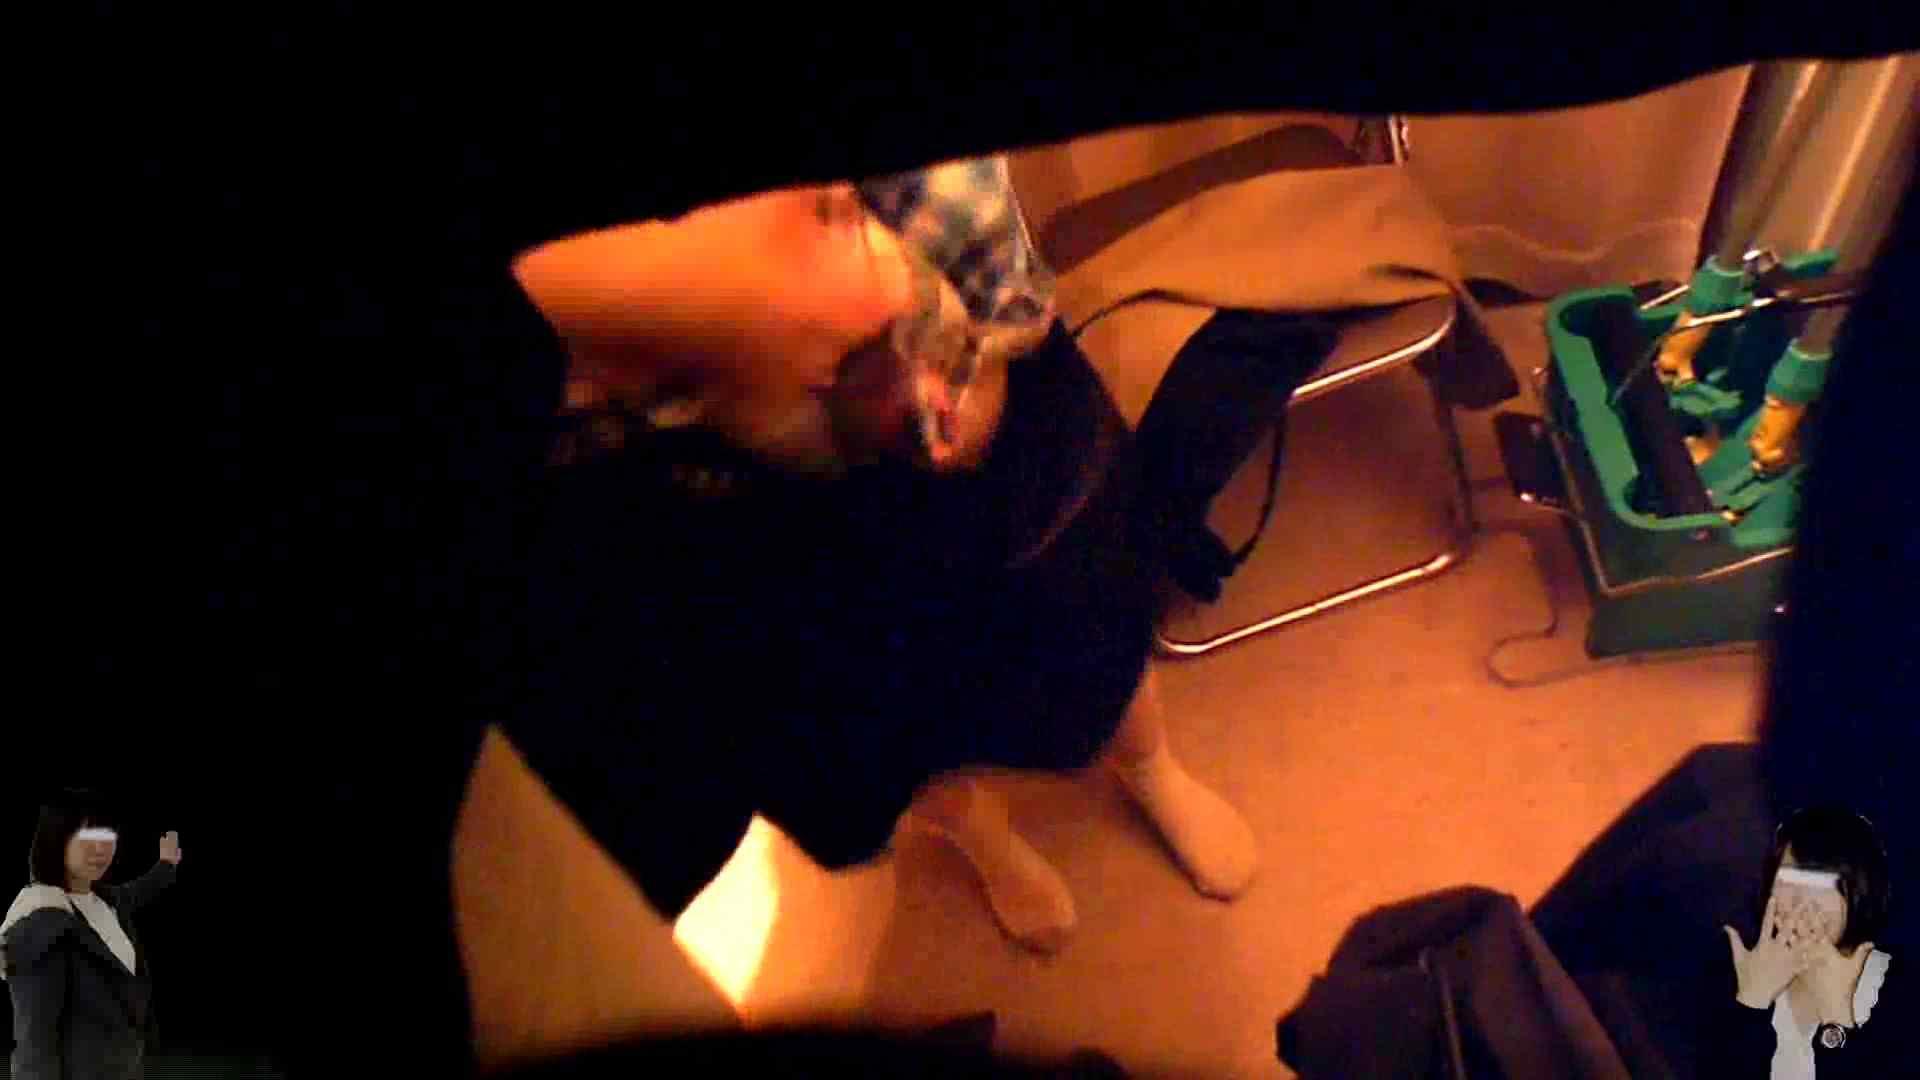 素人投稿 現役「JD」Eちゃんの着替え Vol.04 美しいOLの裸体  107pic 68